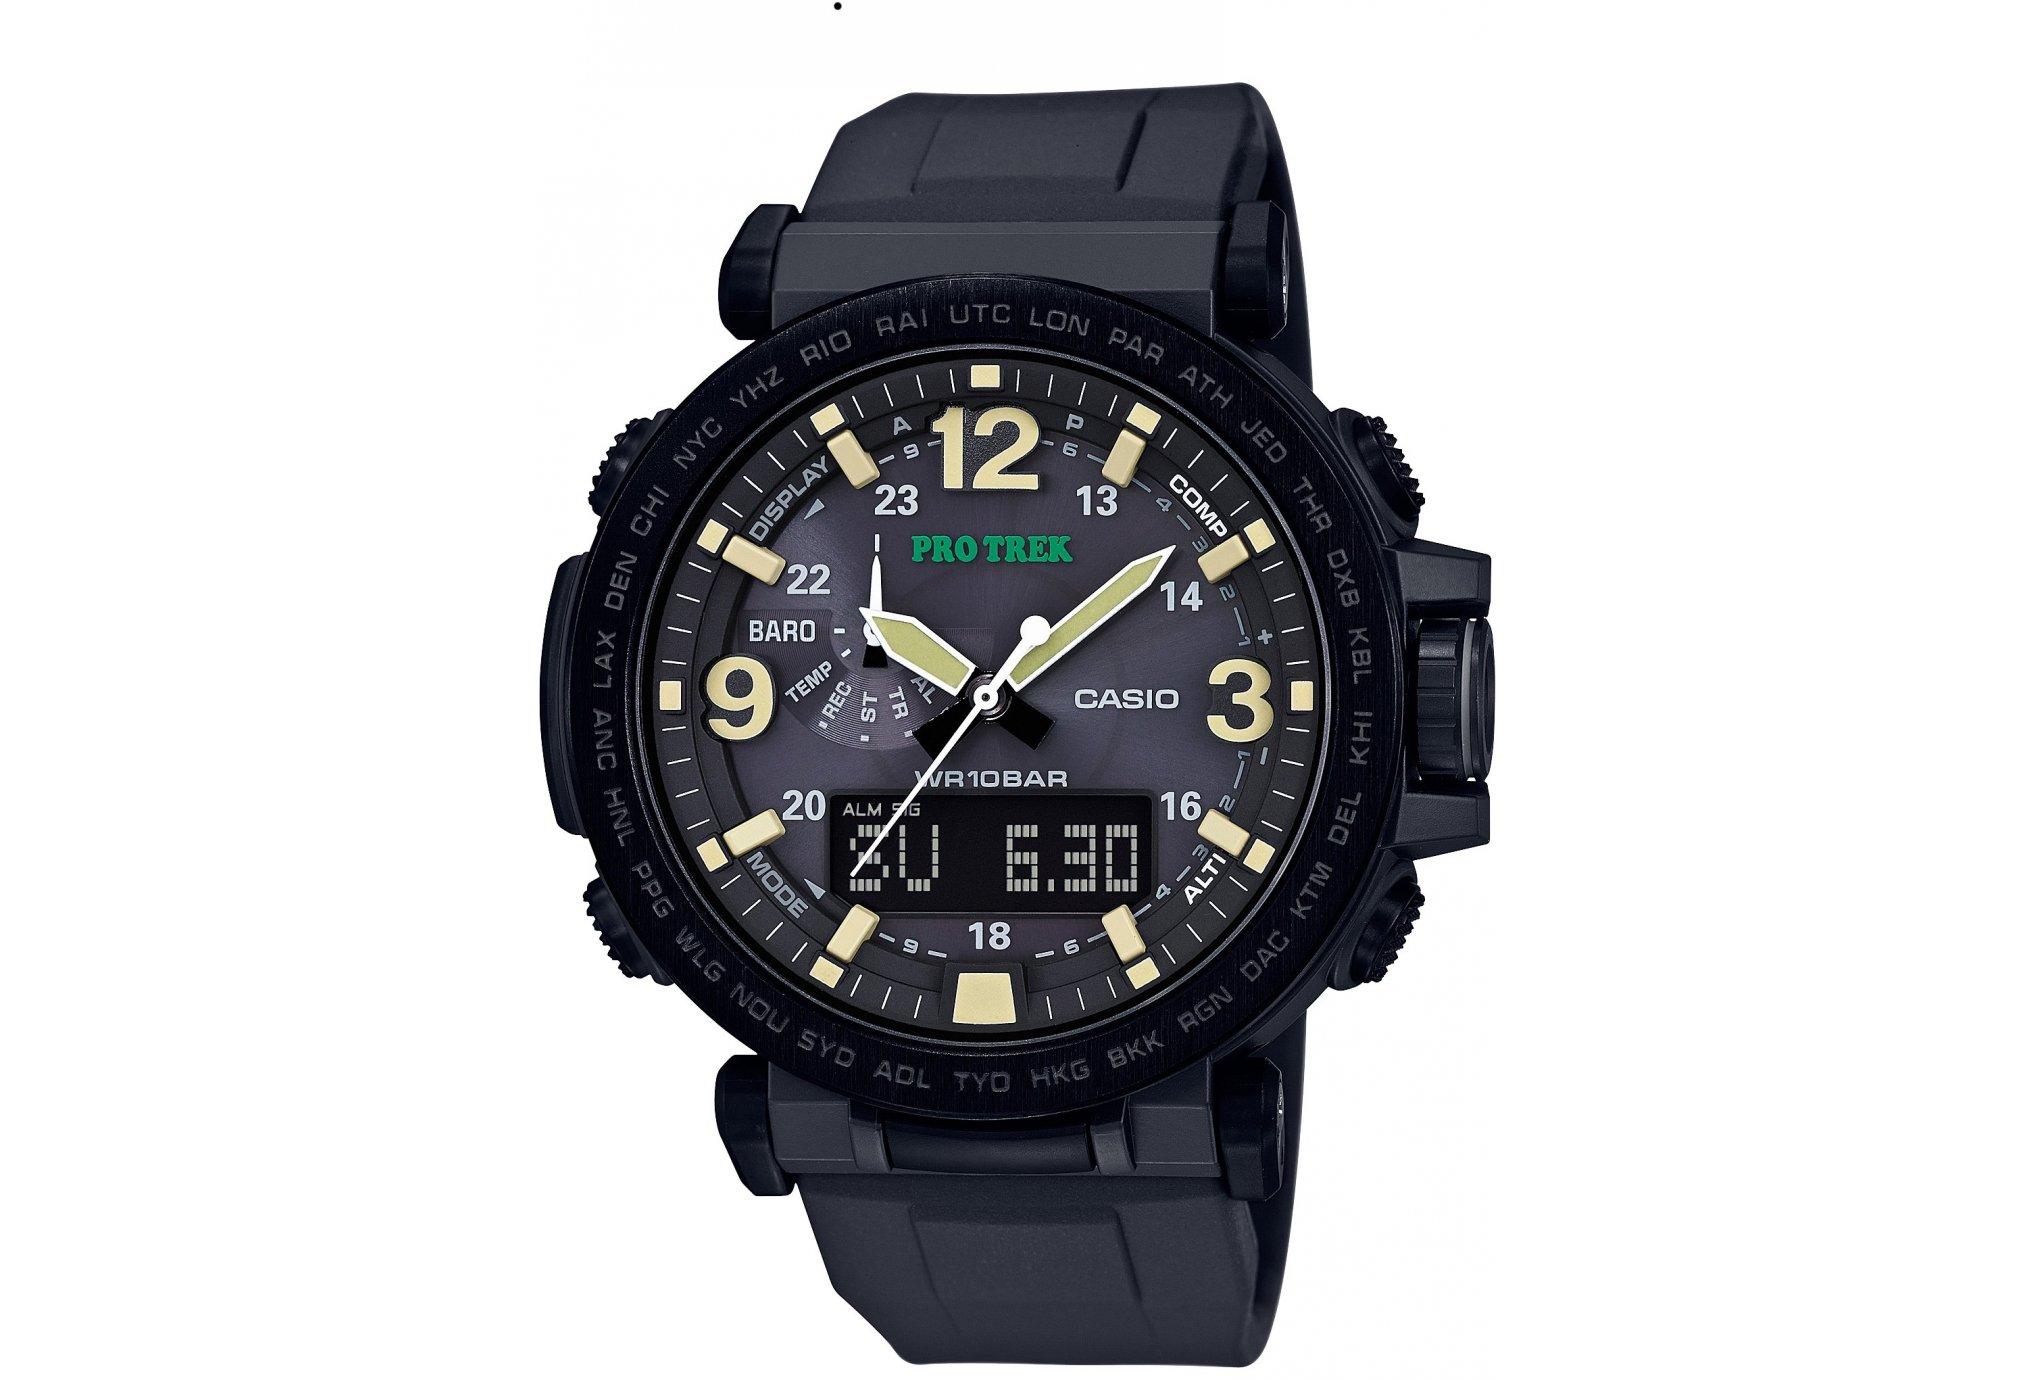 Casio Pro trek prg-600y montres de sport